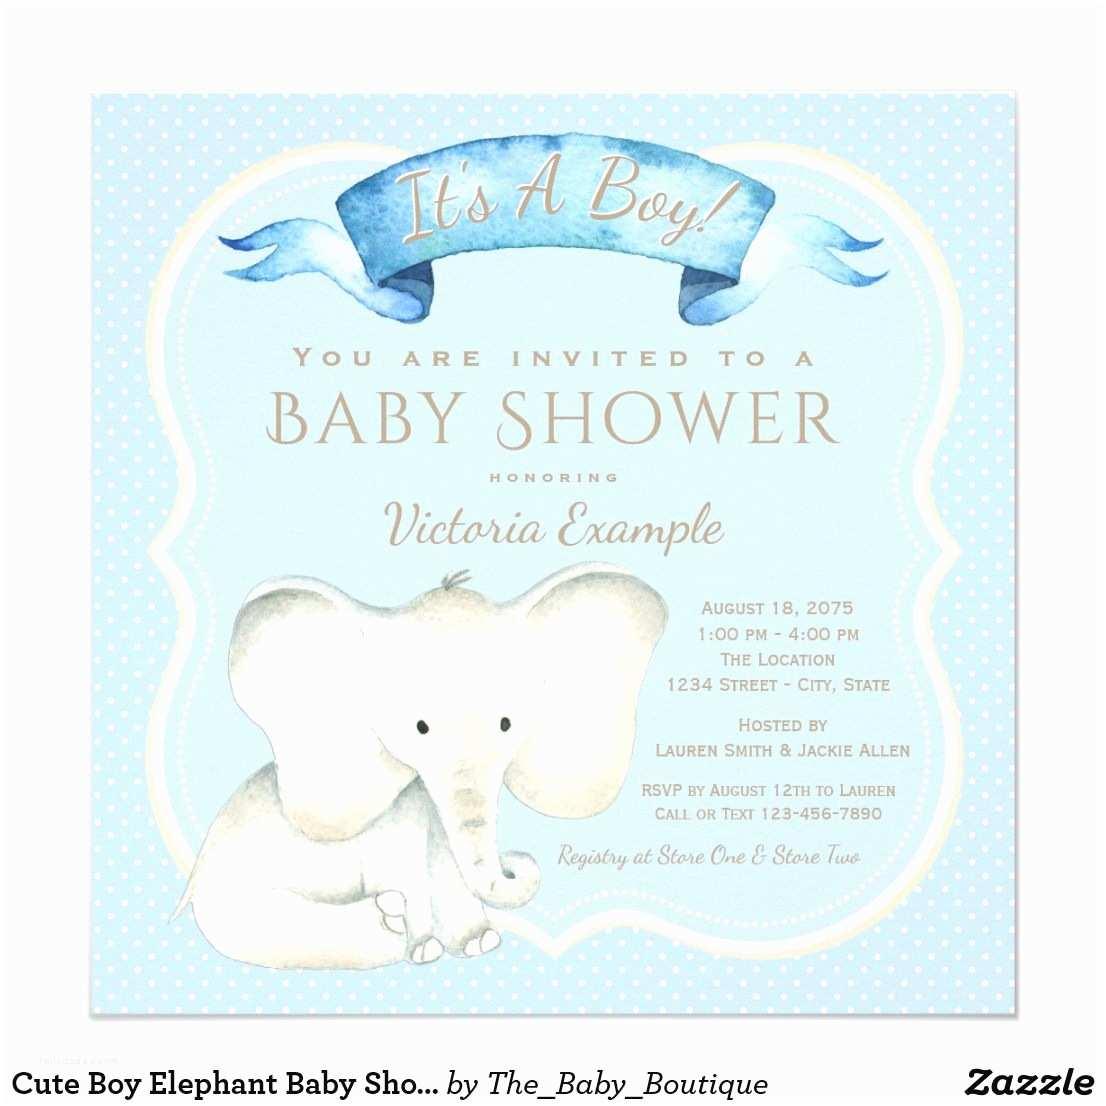 Cute Baby Shower Invitations Cute Boy Elephant Baby Shower Invitations Watercolor Baby